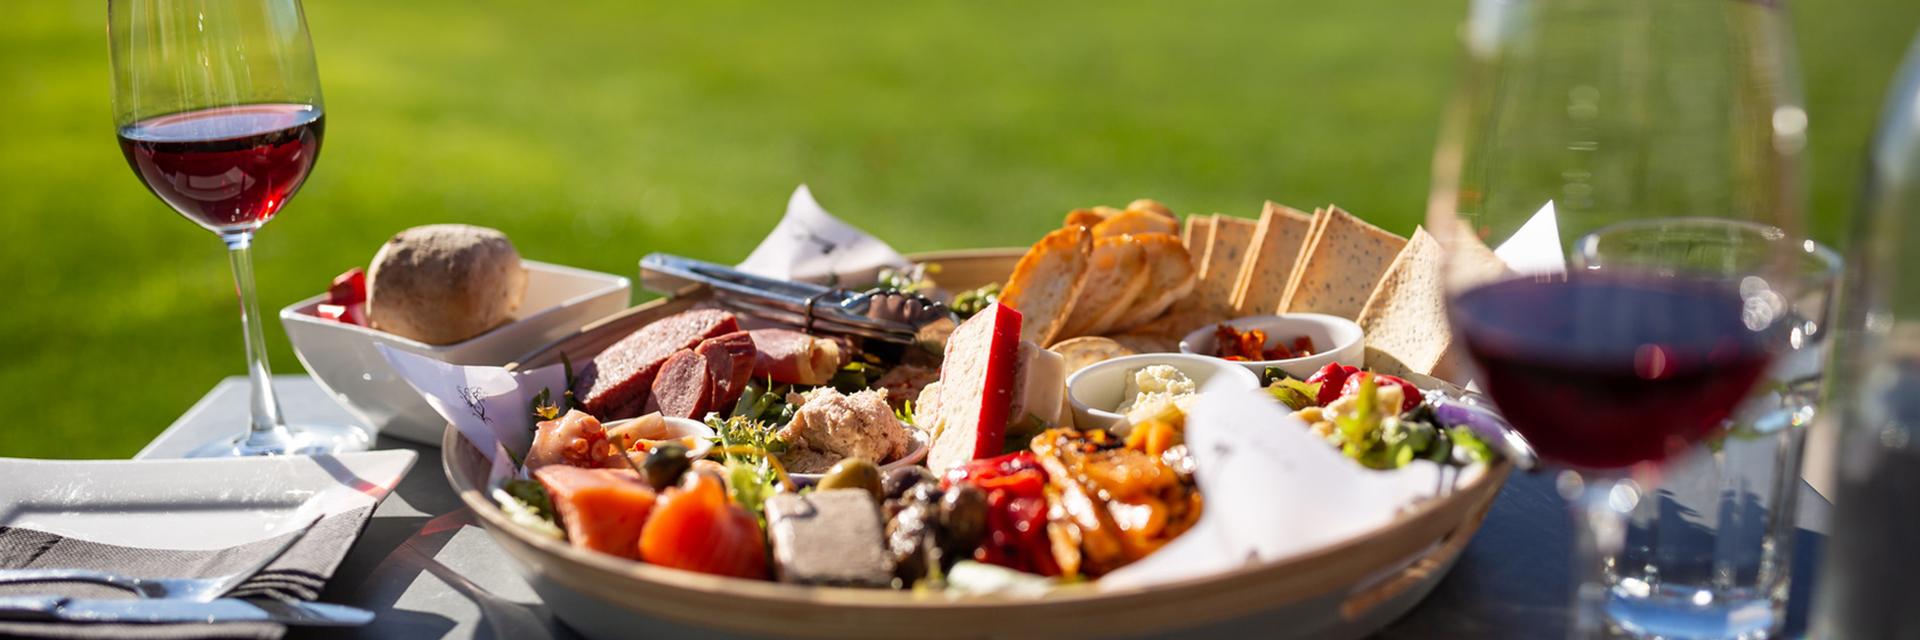 Faites un séjour gastronomique en groupe !